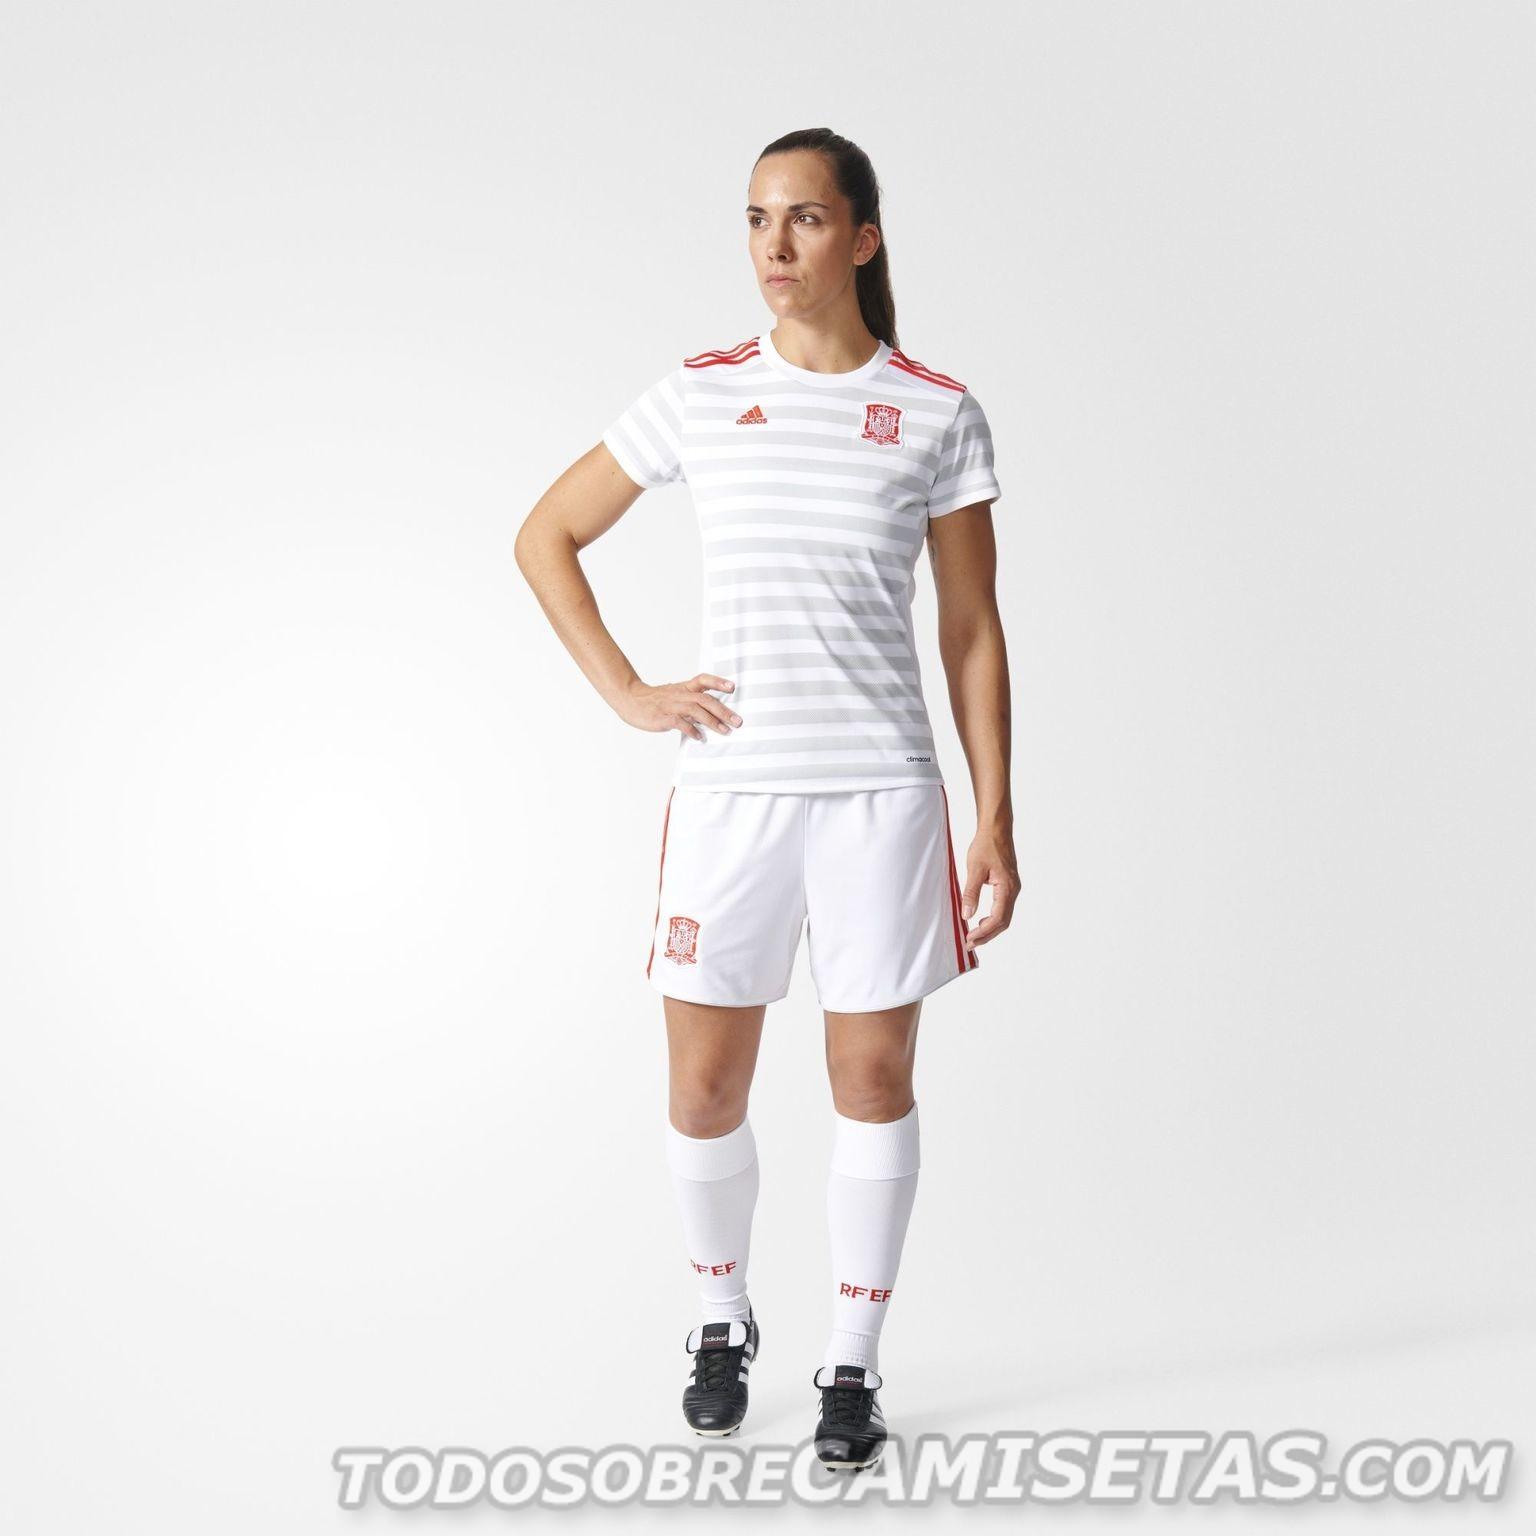 Форма женской сборной Испании 2017   Footykits.ru - Футбольная форма e4f0f8dc942